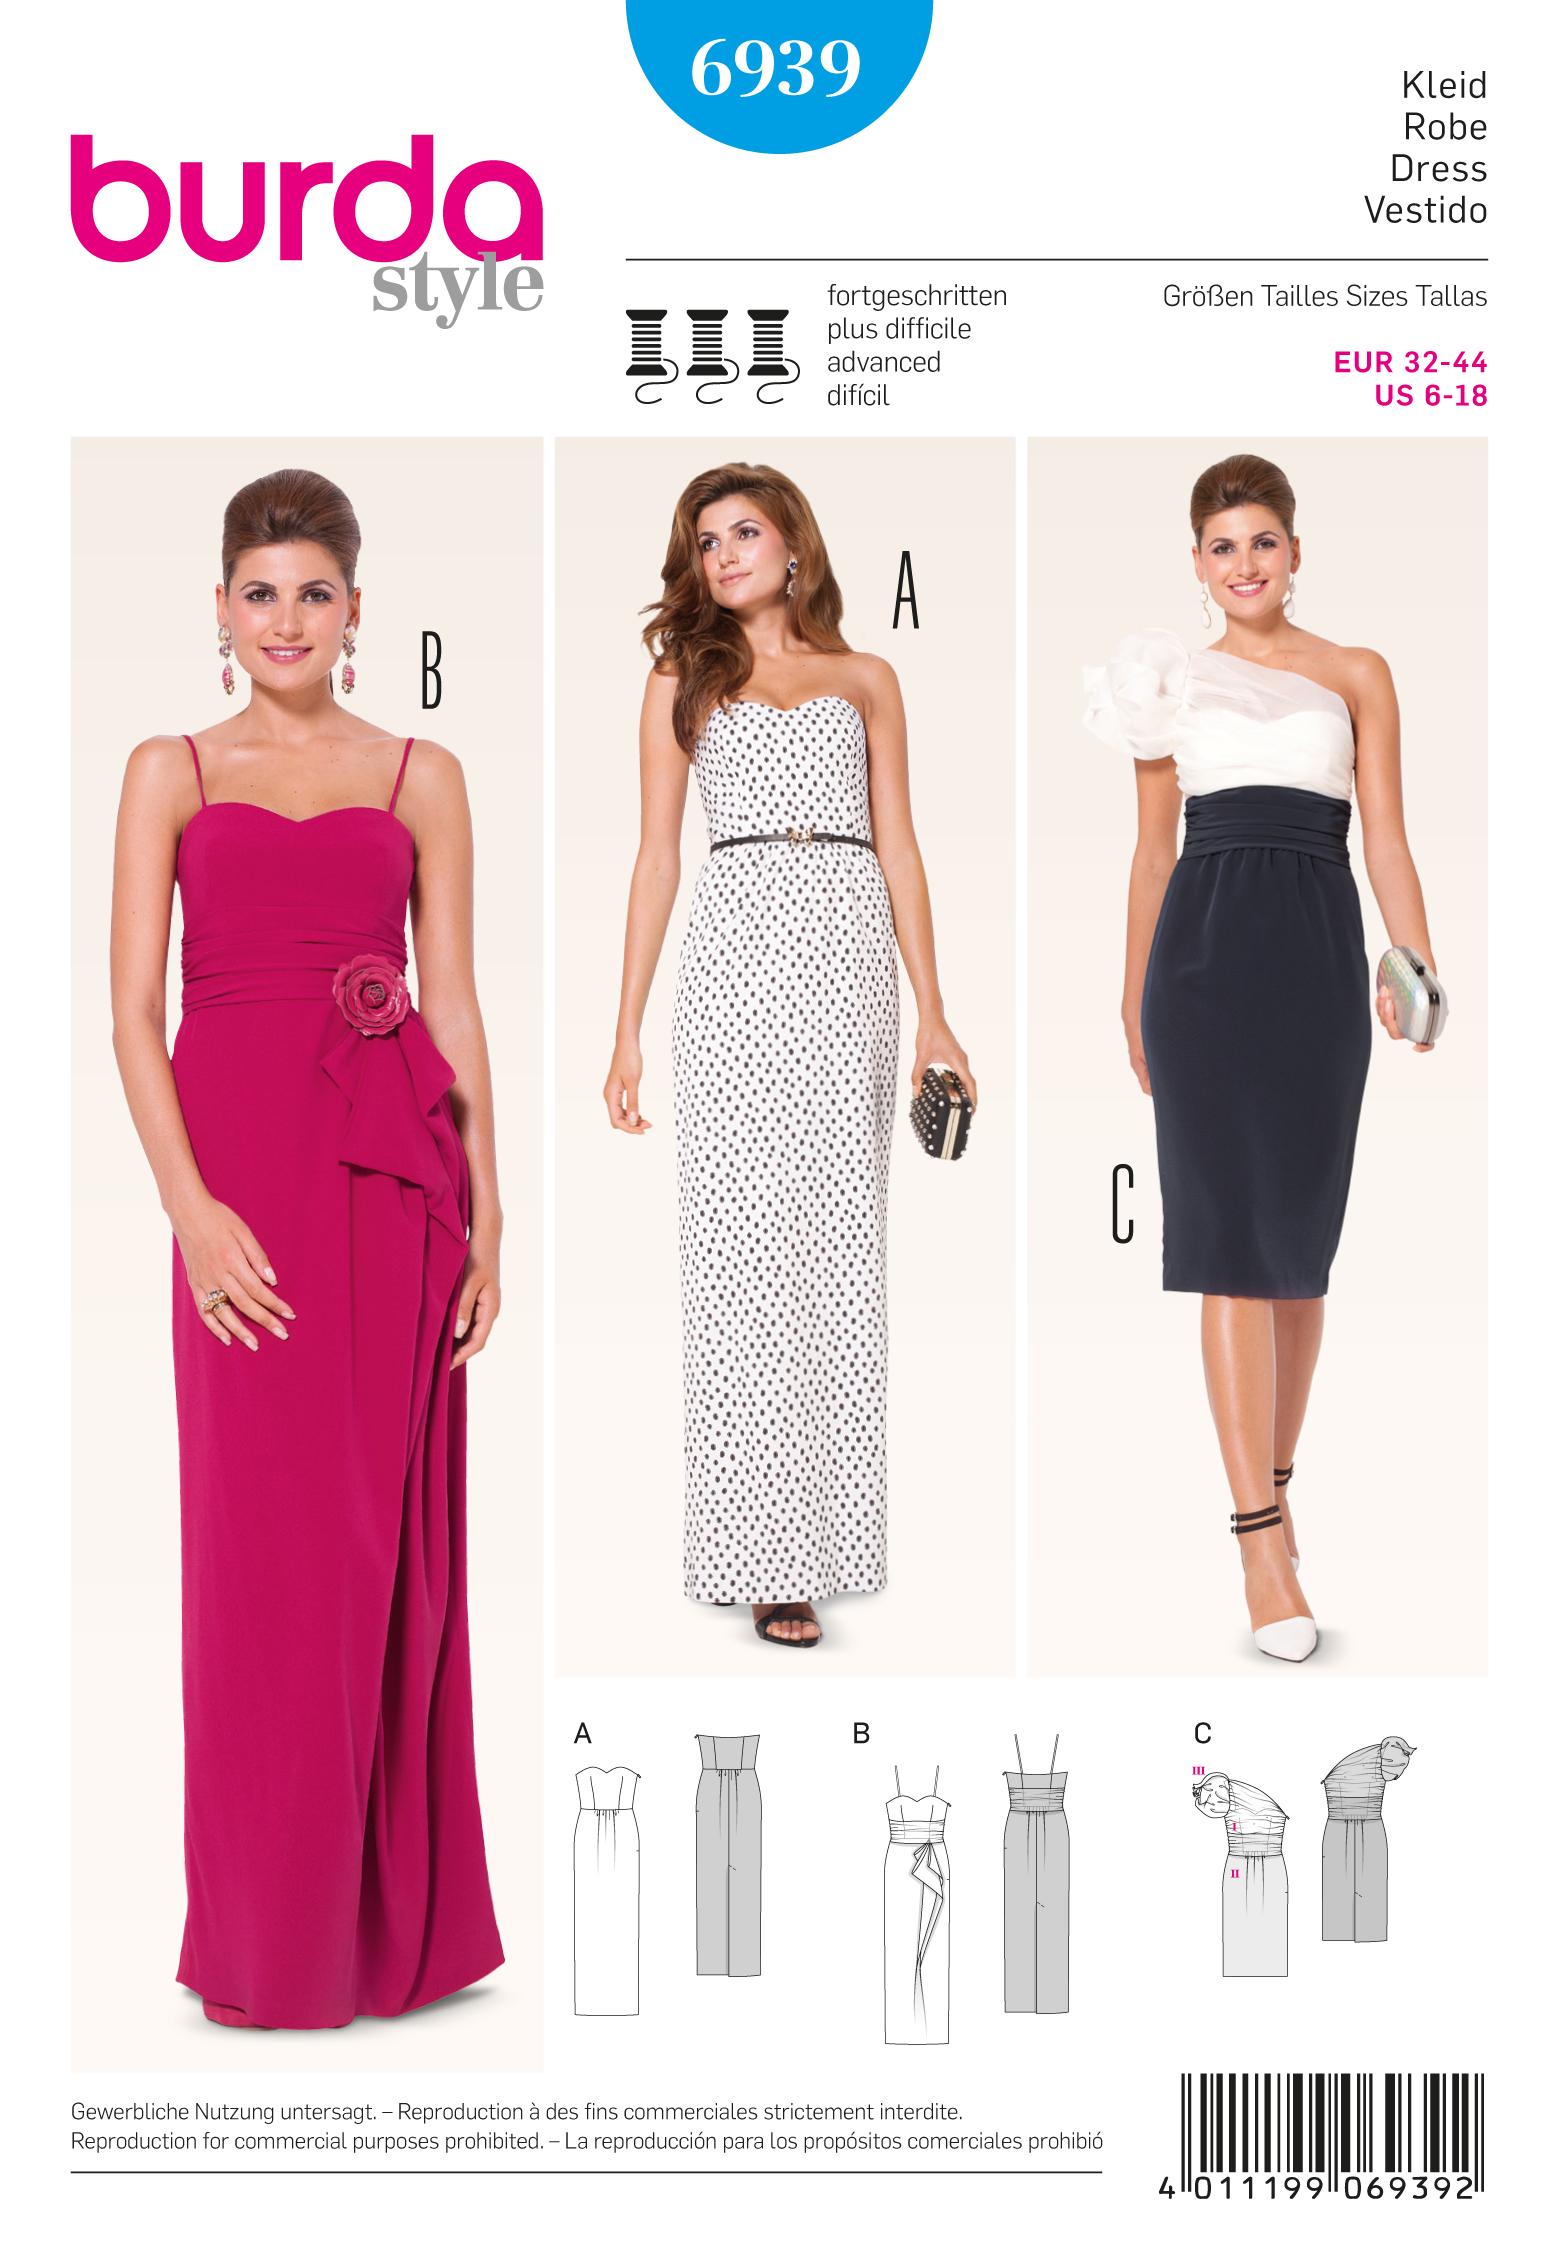 Burda 6939 Evening & Bridal Wear